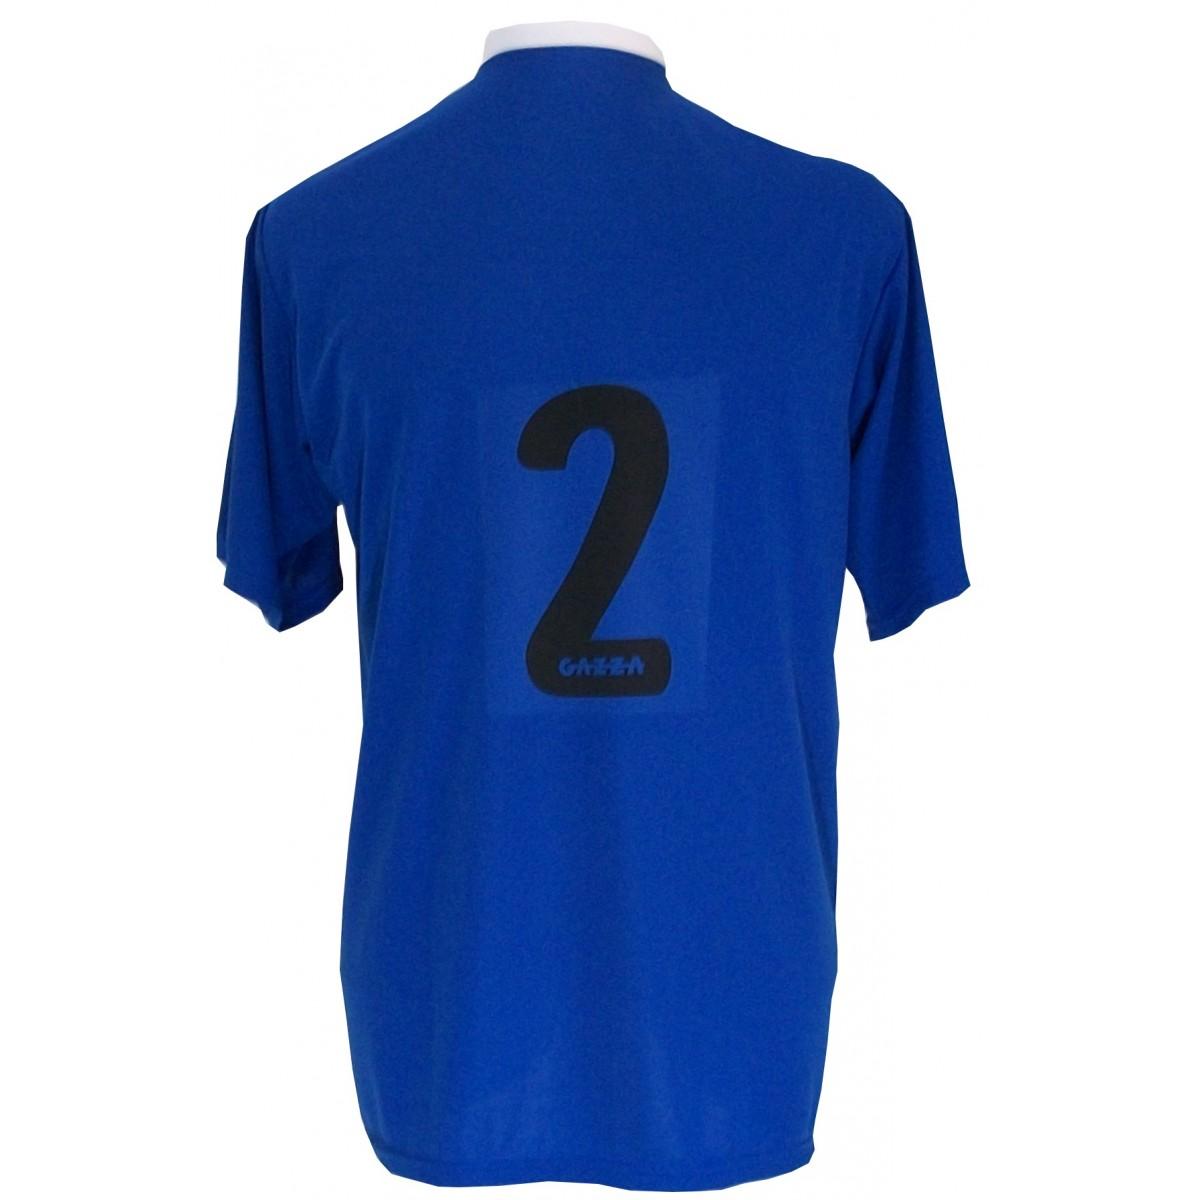 Uniforme Esportivo Completo modelo PSG 14+1 (14 camisas Azul Royal/Preto/Branco + 14 calções Madrid Preto+ 14 pares de meiões Royal + 1 conjunto de goleiro)